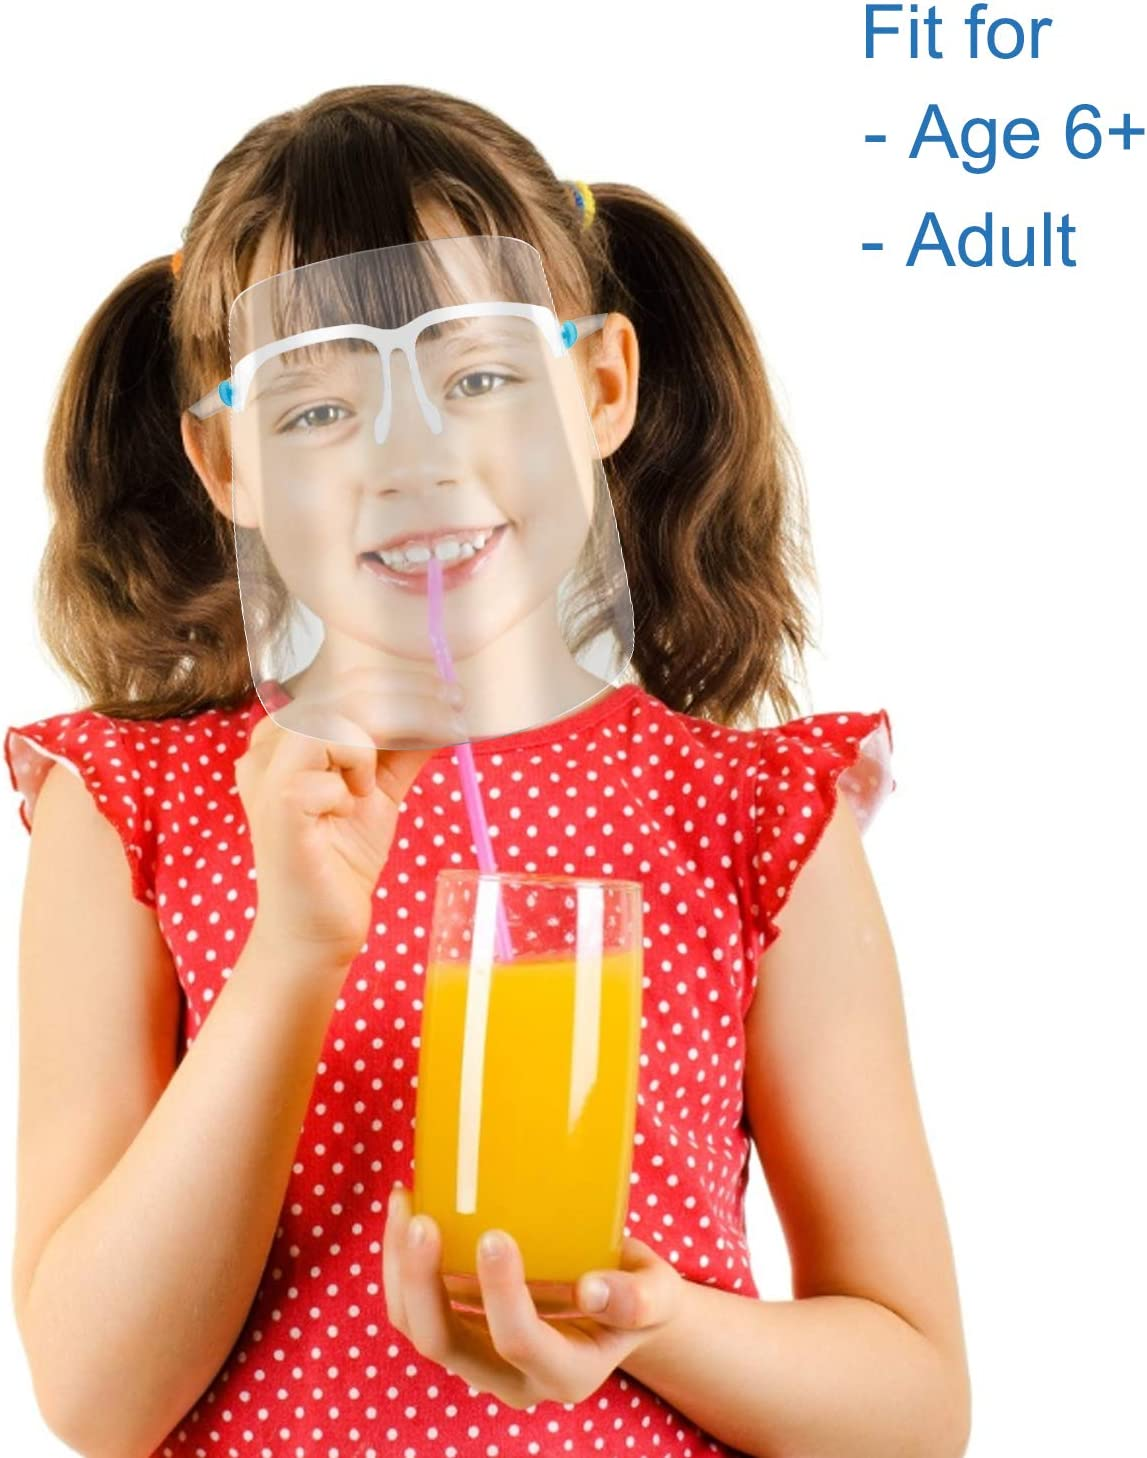 6 Brillengestelle +12 Visier ausgetauscht und wiederverwendet Werden HONYAO Transparente Gesichtsschutz Visier f/ür Frauen und M/änner k/önnen gereinigt